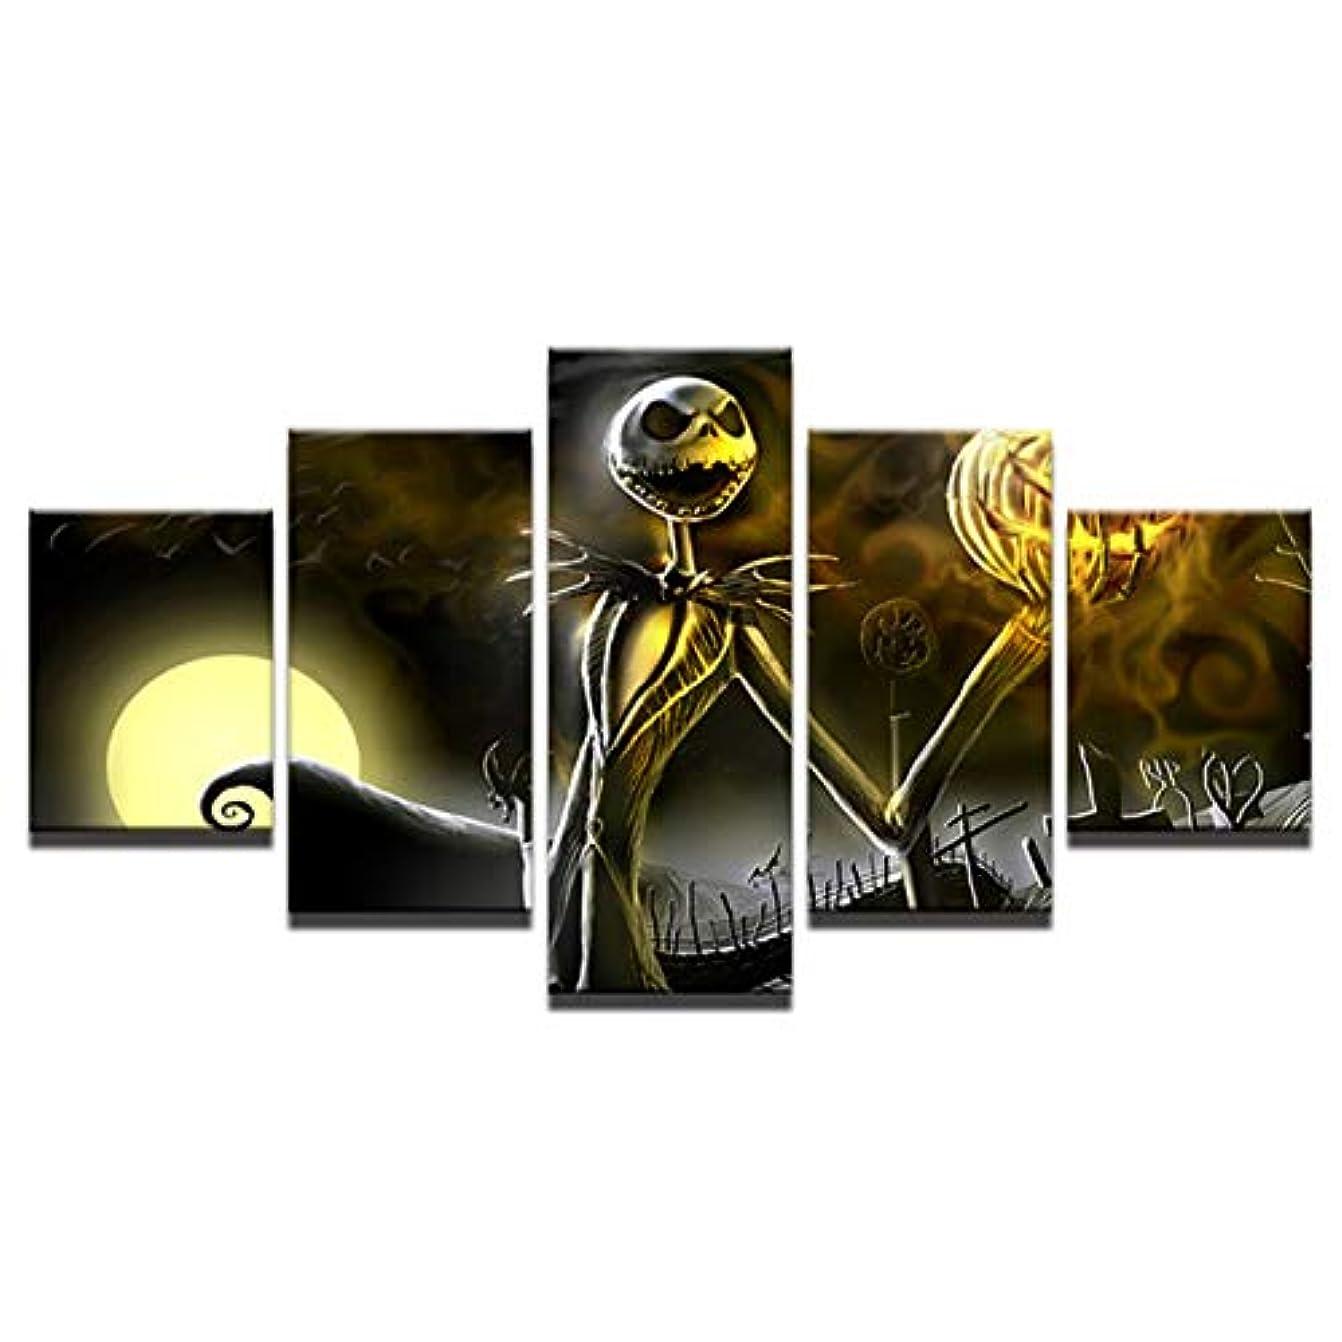 追放安心ブルジョンSaikogoods レトロジャック?スケリントン絵画モジュラーキャンバスウォールアート写真5つのHallowmasホームデコレーション 多色 10×15cm×2個10×20cm×2個10×2